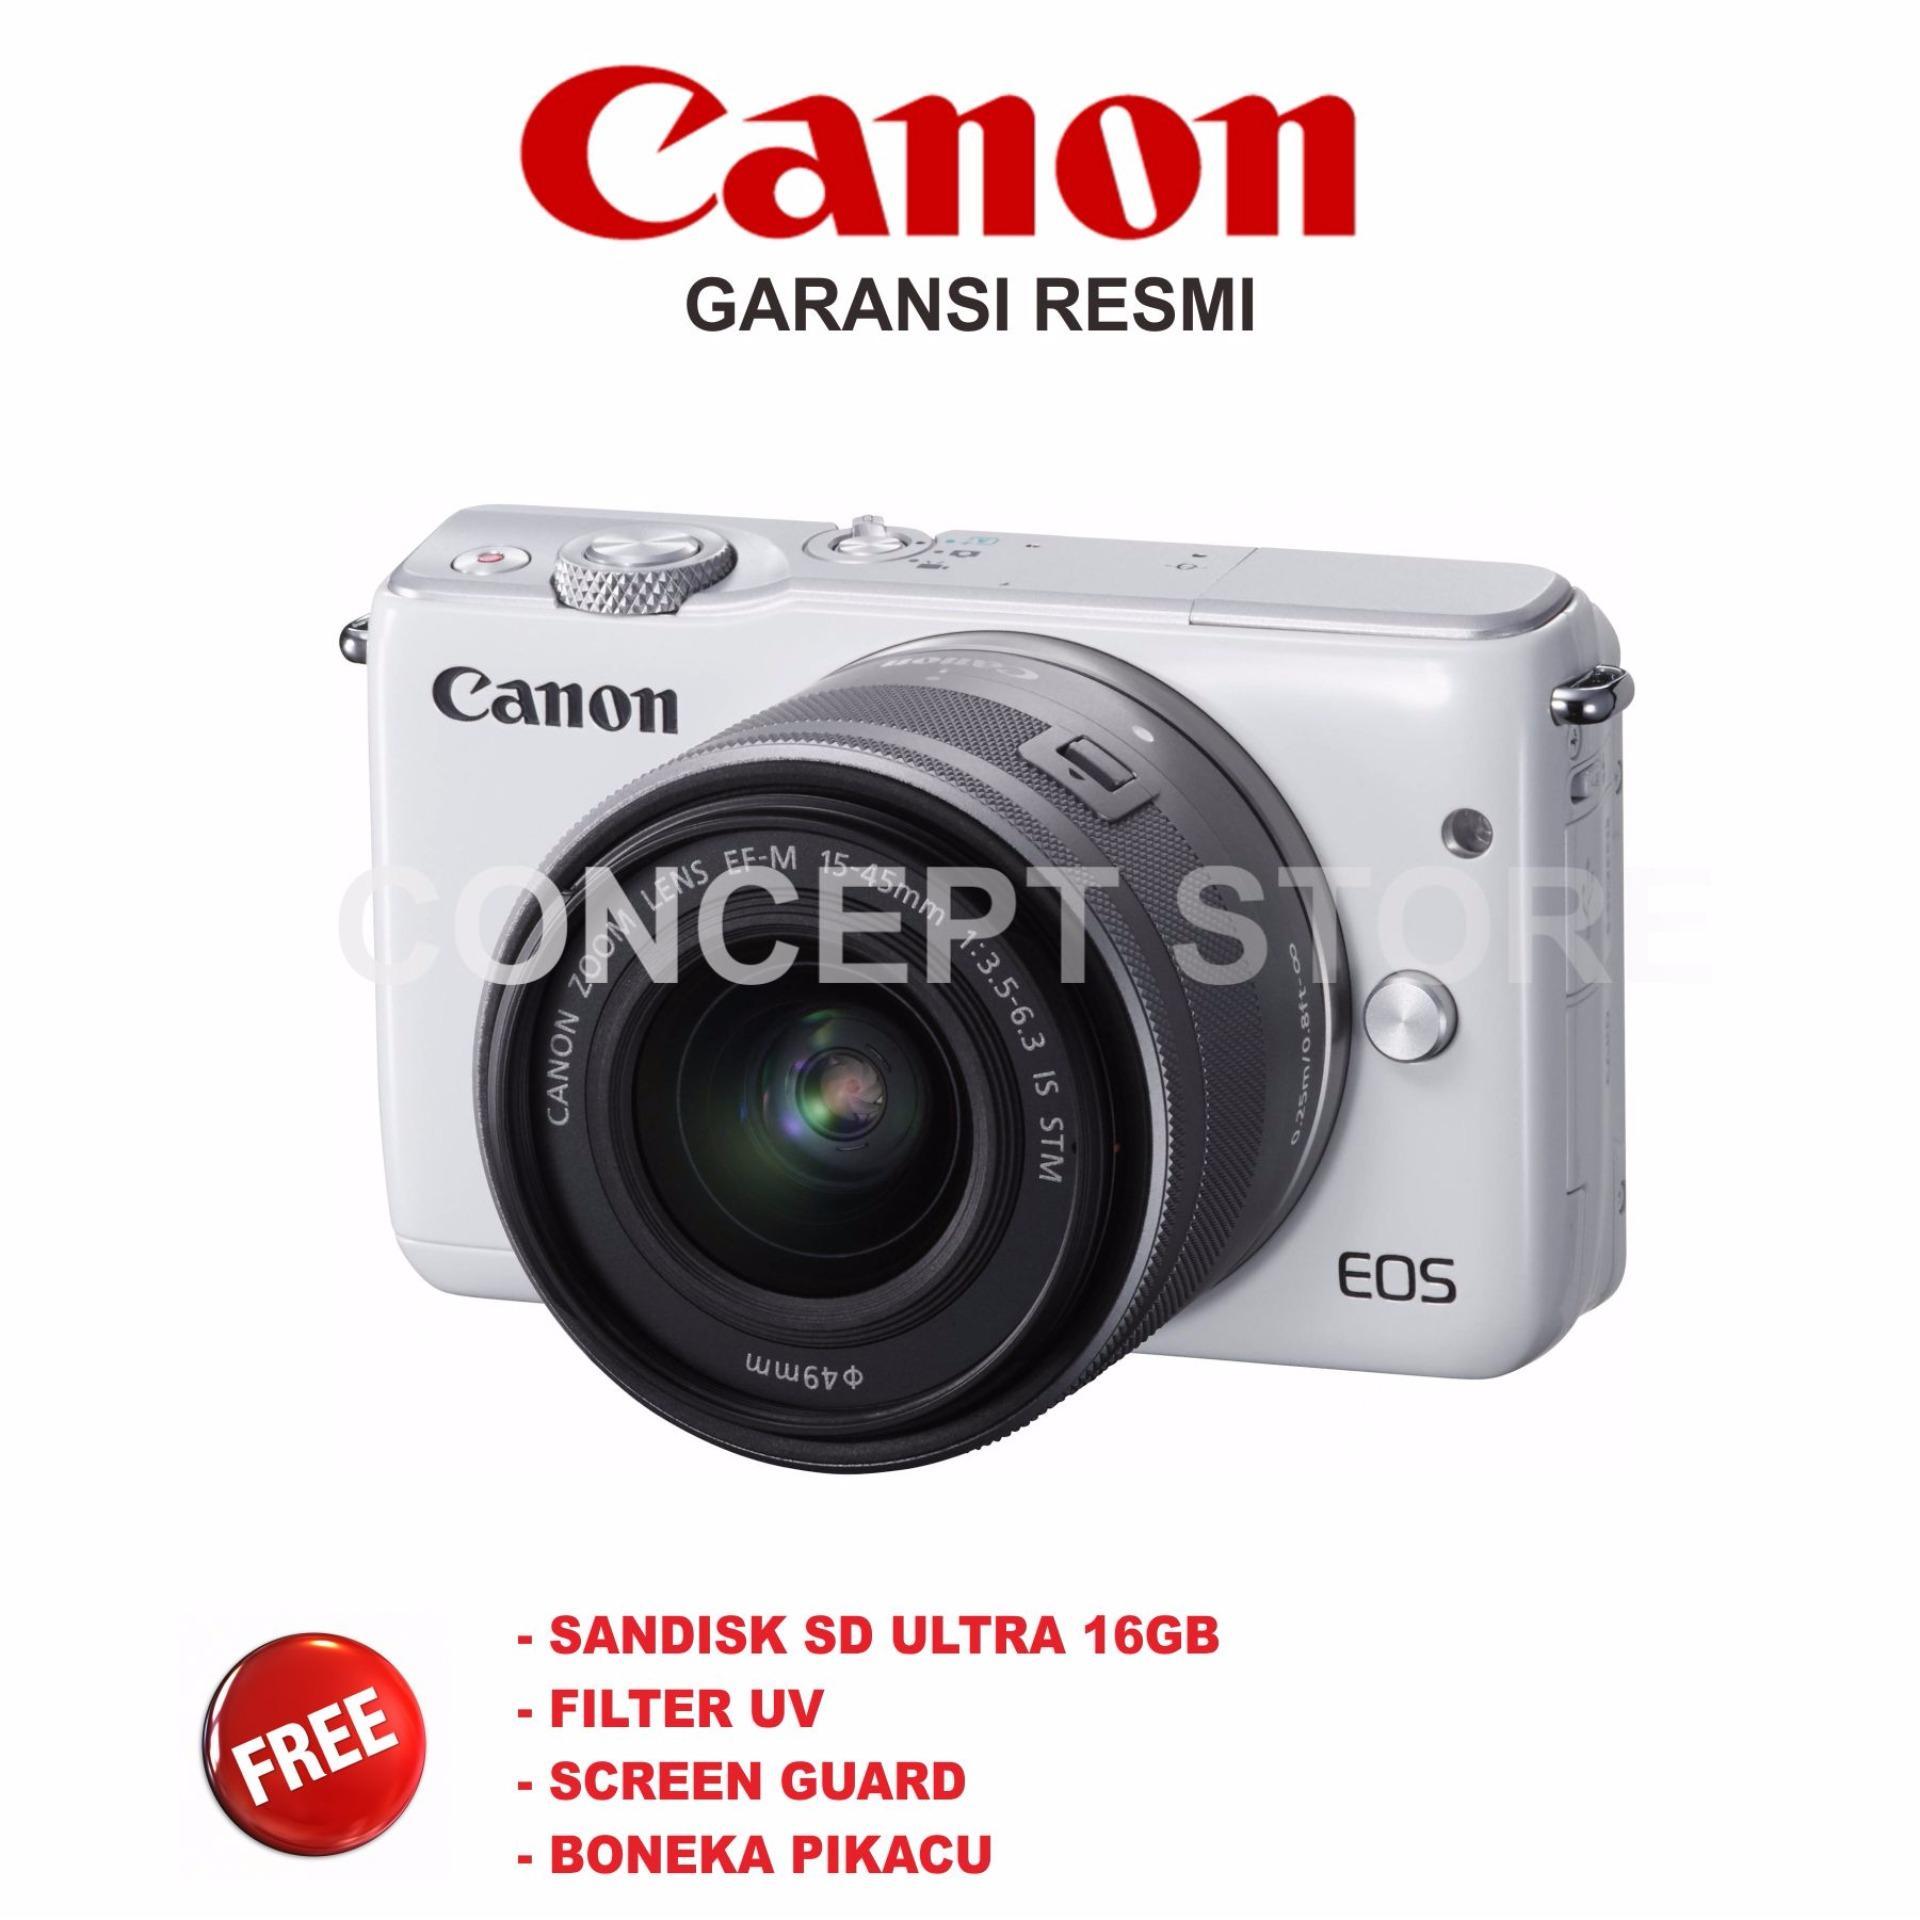 CANON EOS M 10 KIT 15-45 / M10KIT / M10 WHITE PIKACU